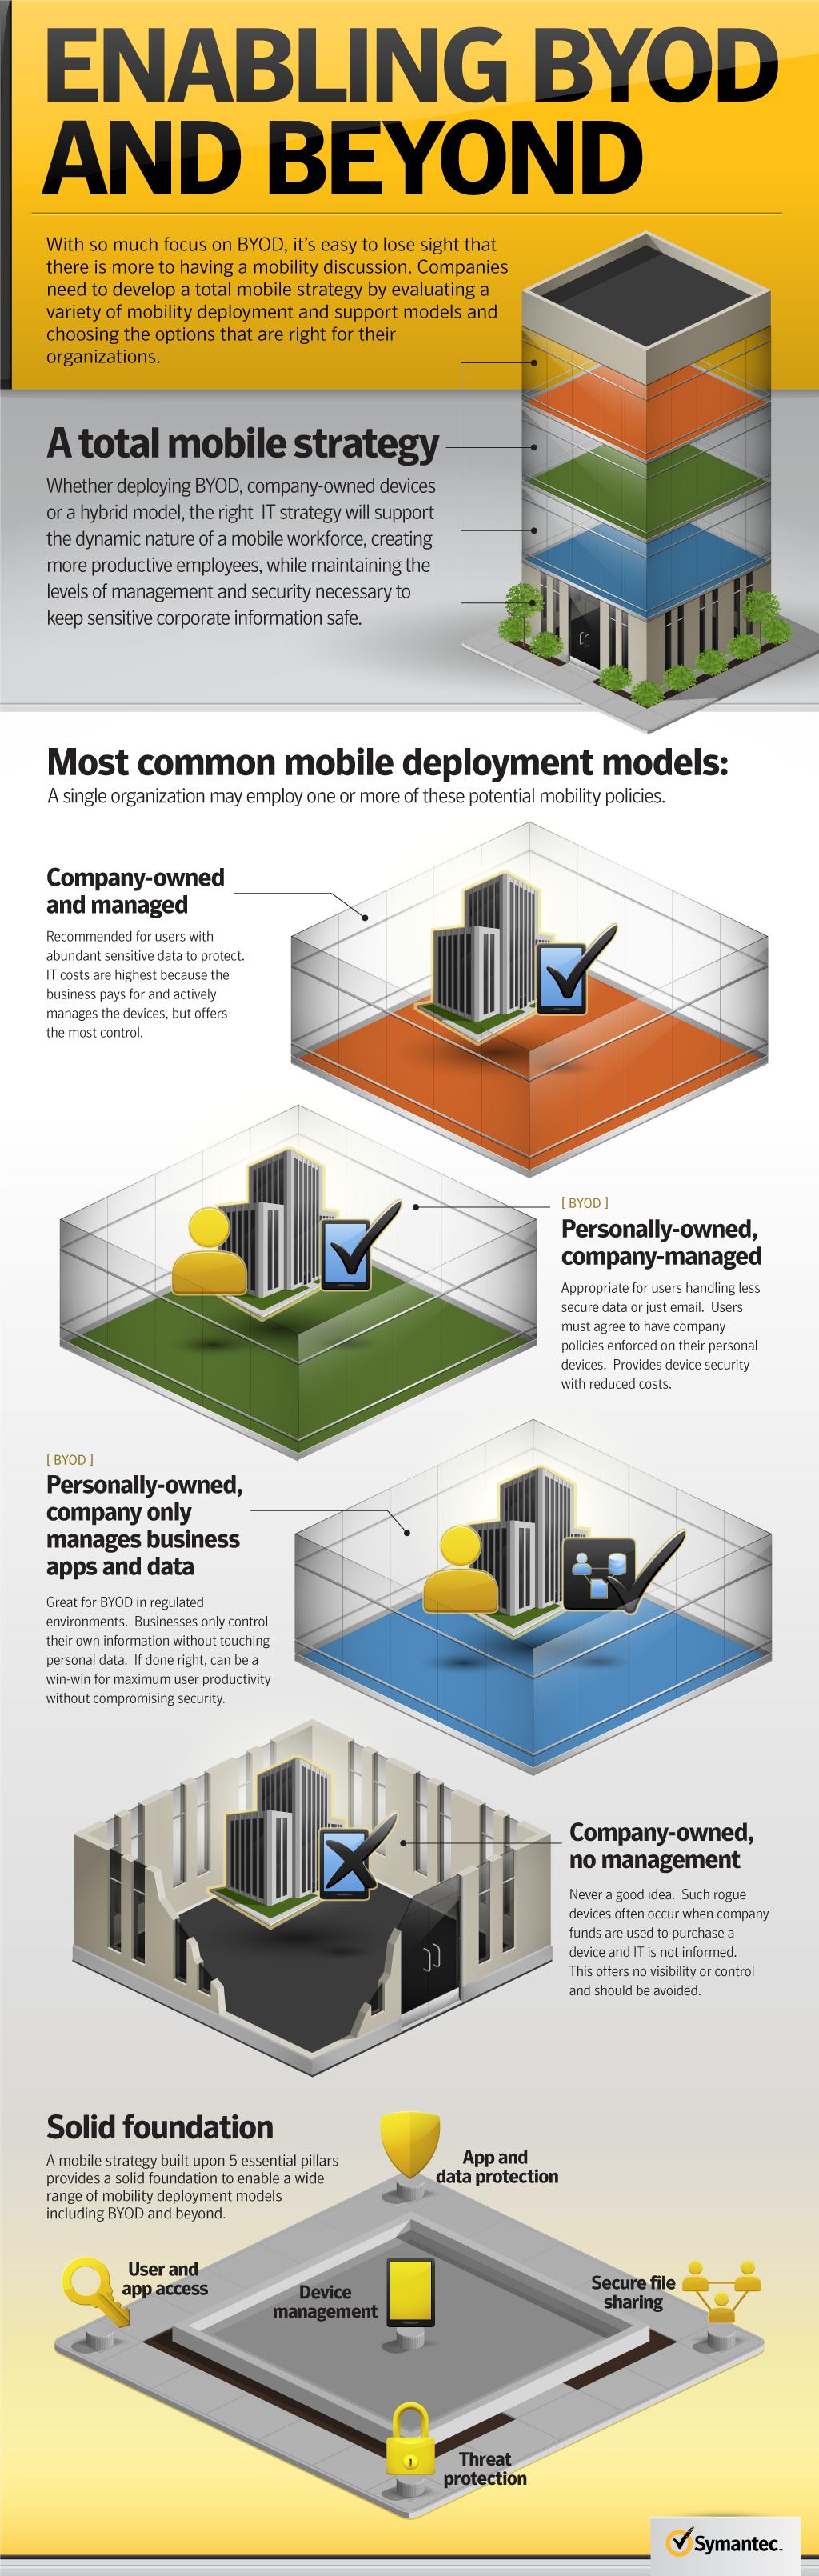 SYM-EnterpriseMobility-Infograph-rev-K-2012-10-05.png